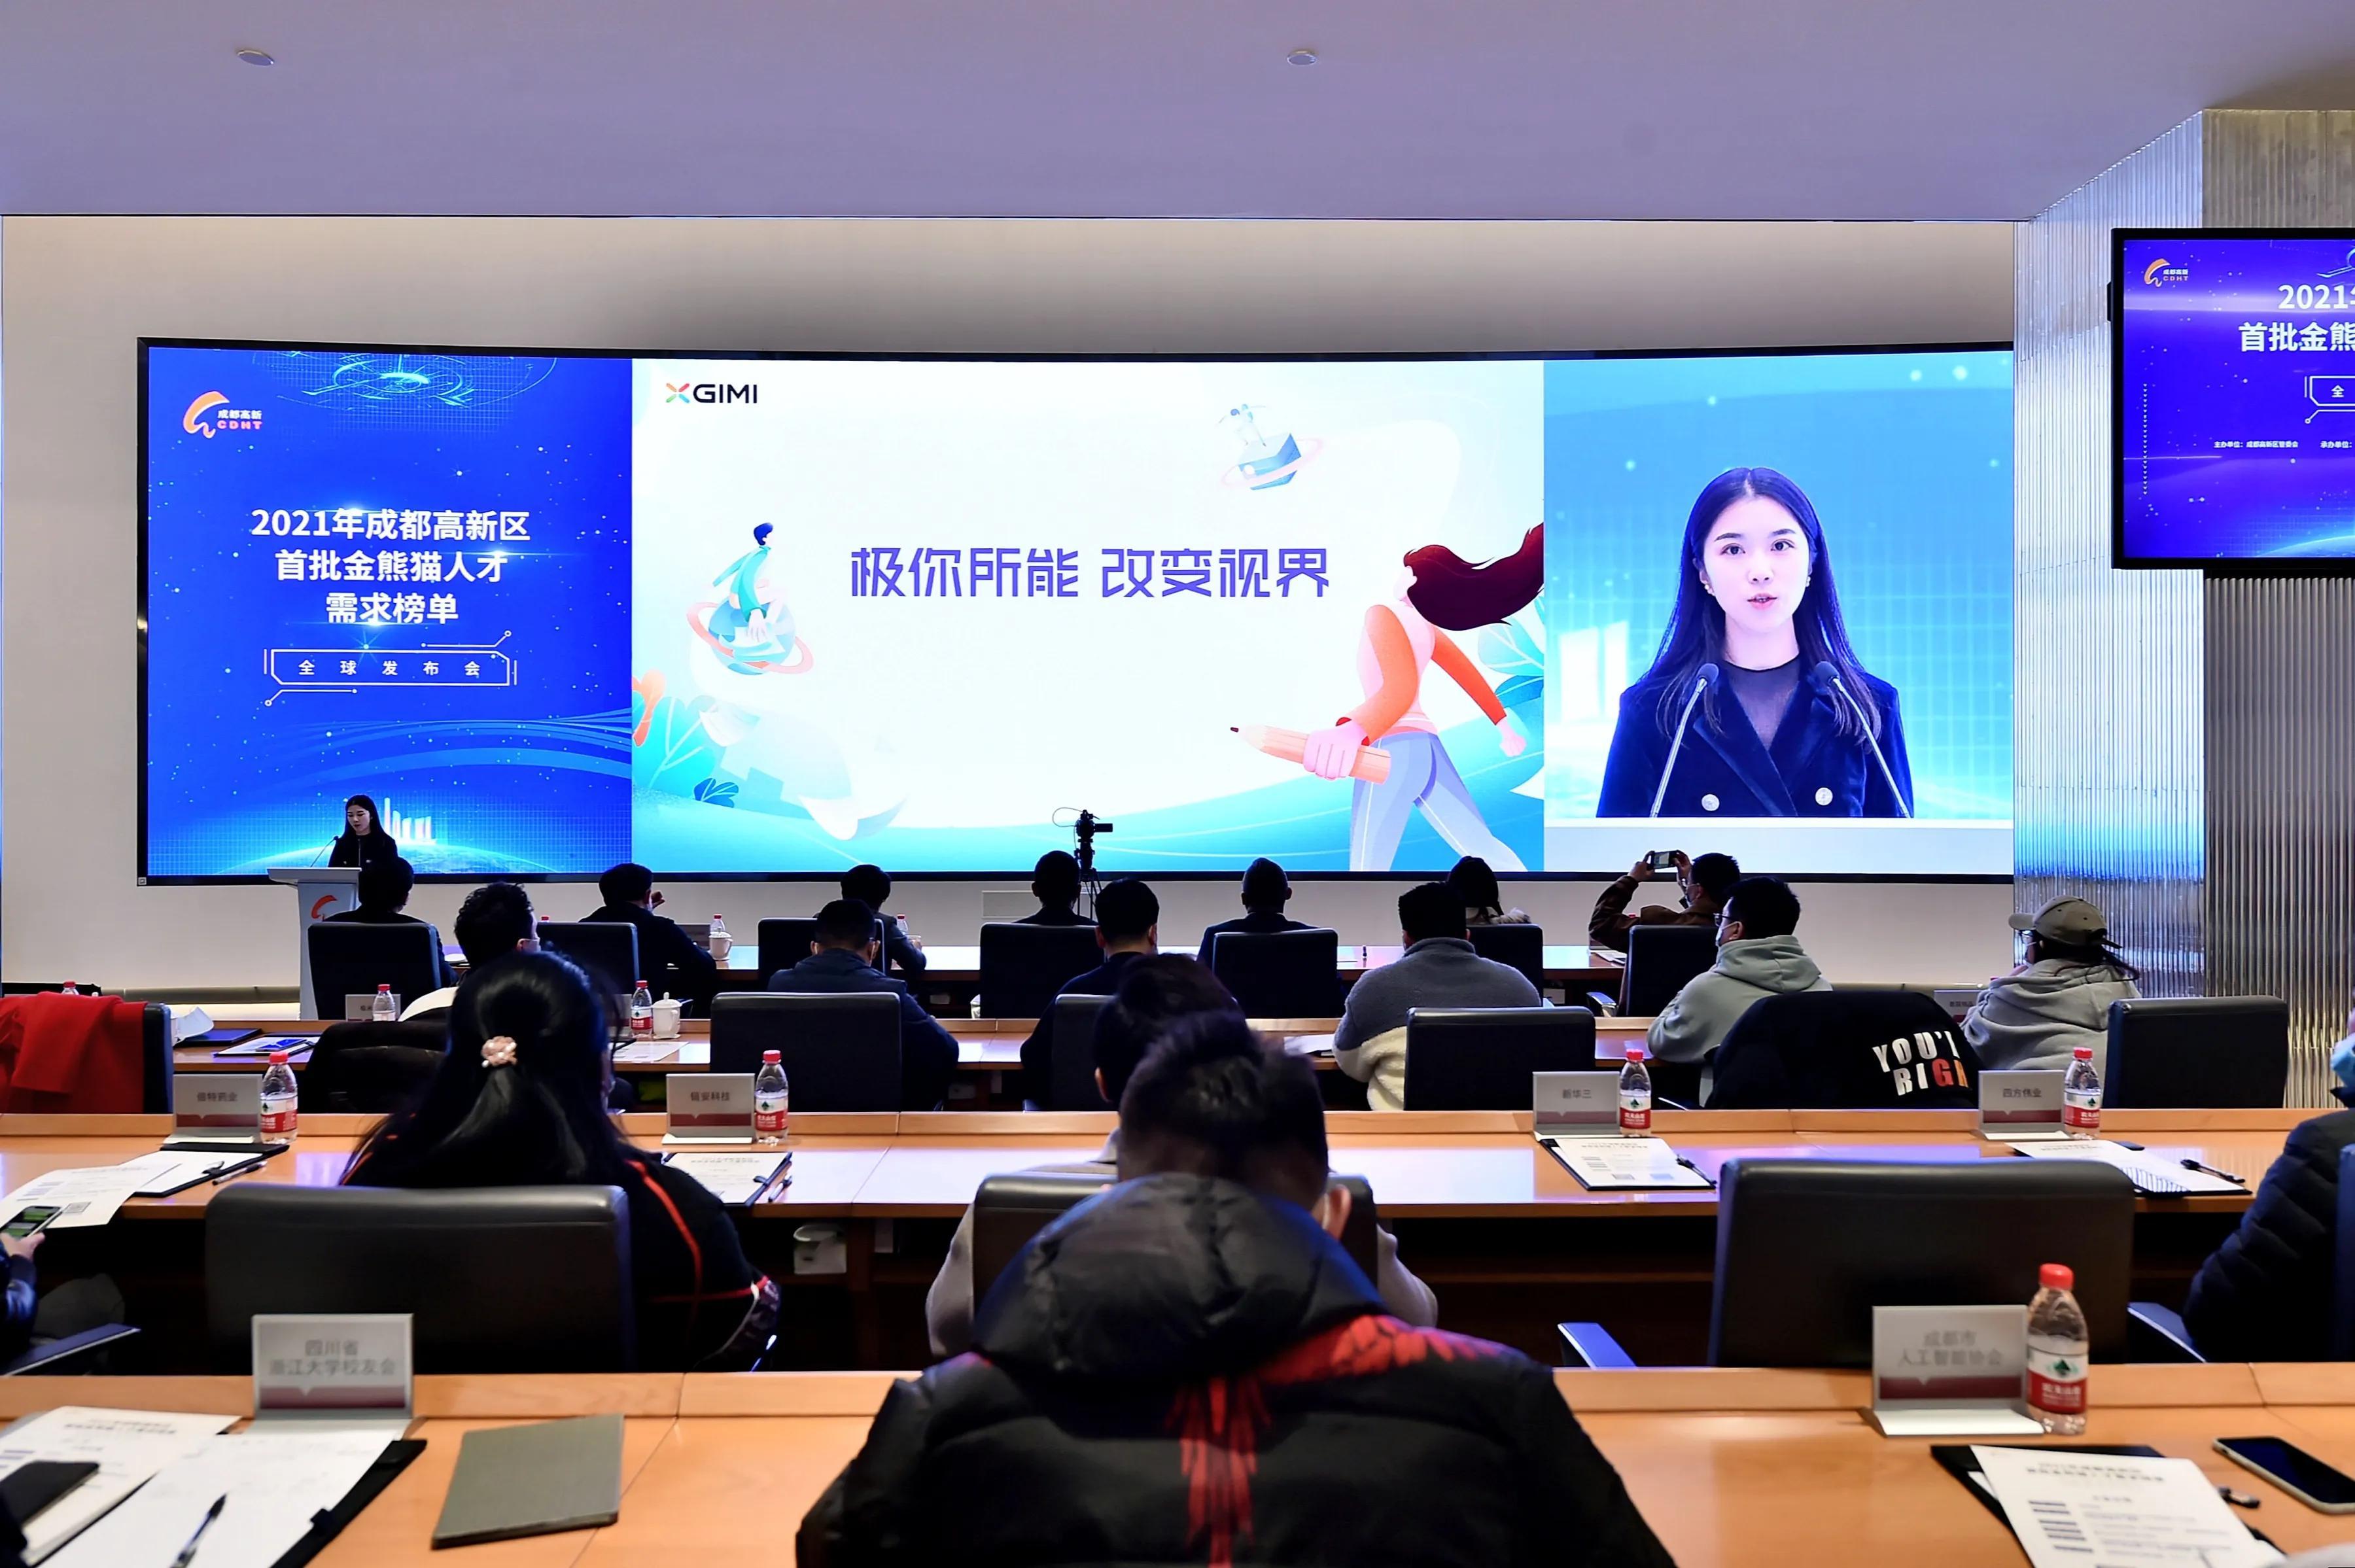 最高年薪300万元 成都高新区发布首批金熊猫人才需求榜单